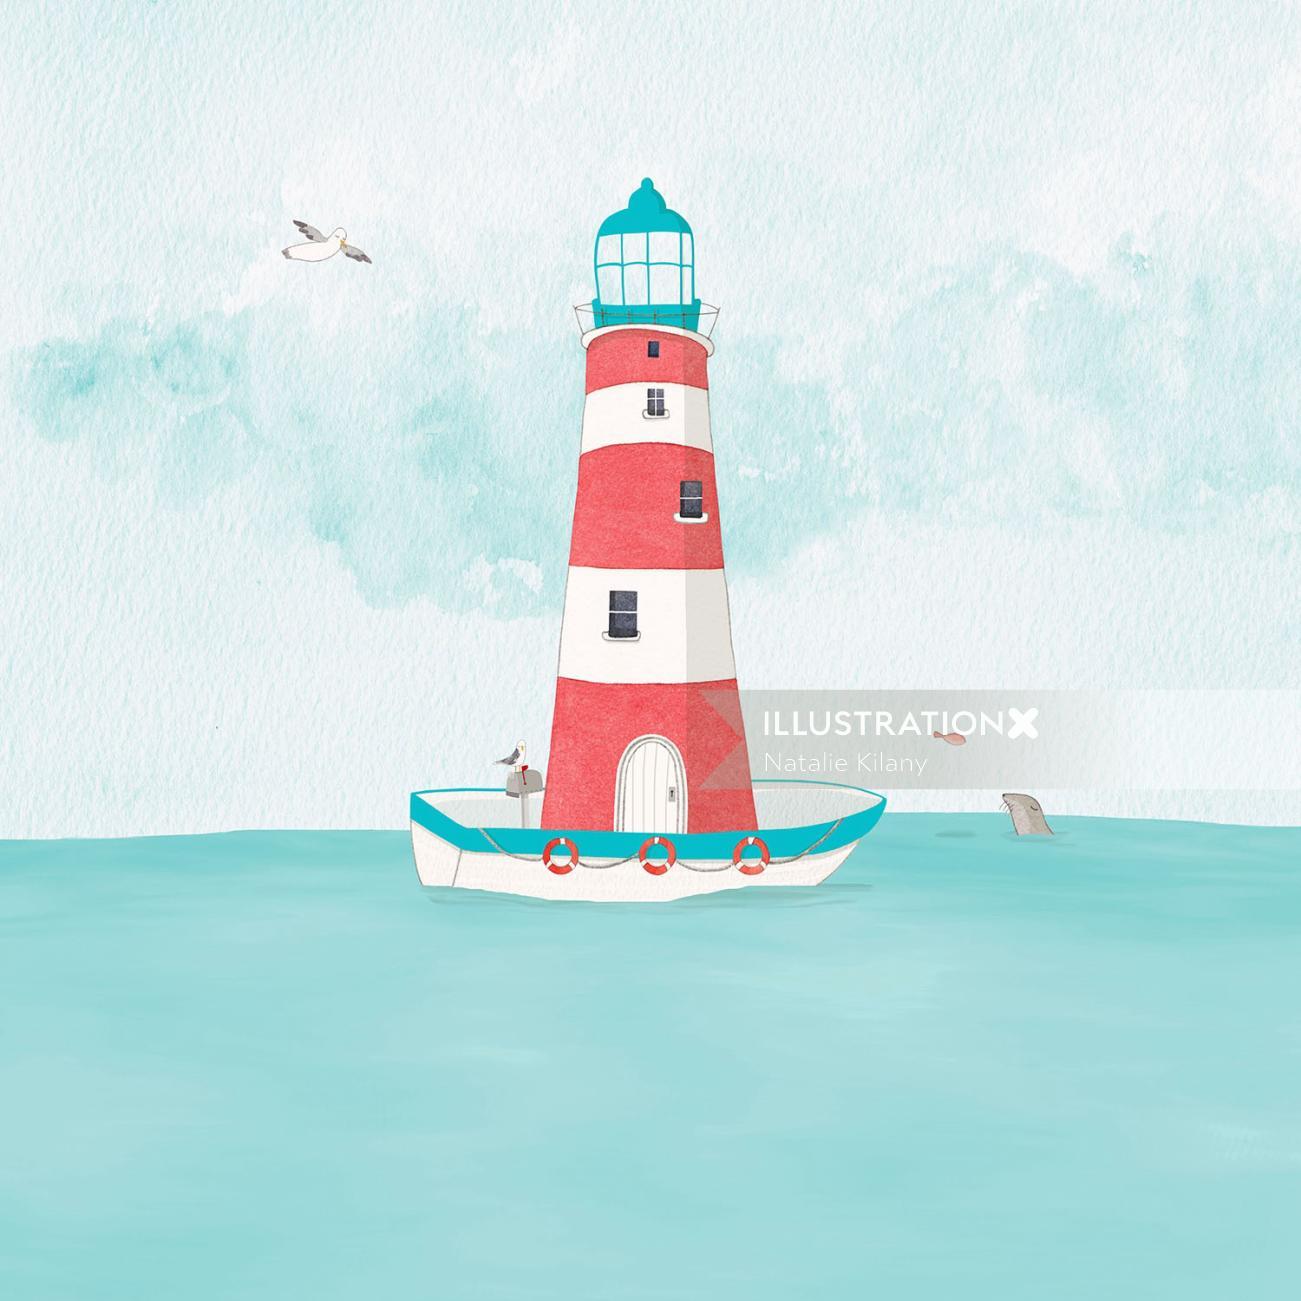 Boat illustration by Natalie Kilany